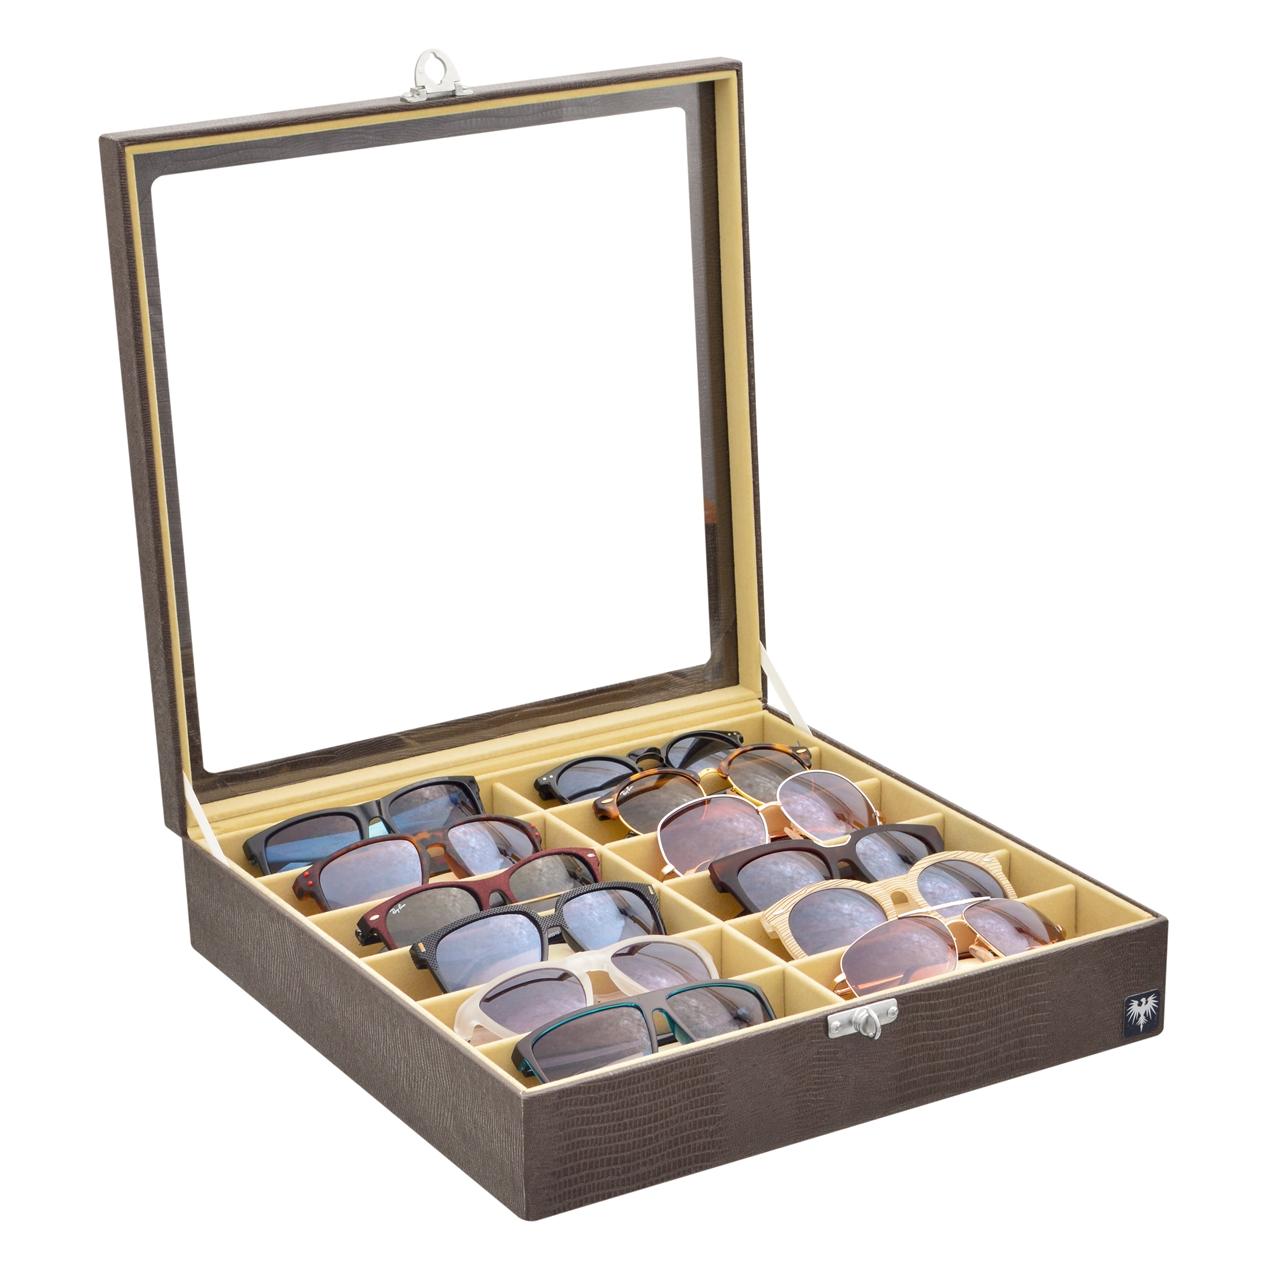 estojo-couro-ecologico-12-oculos-marrom-bege-porta-caixa-imagem-2.JPG